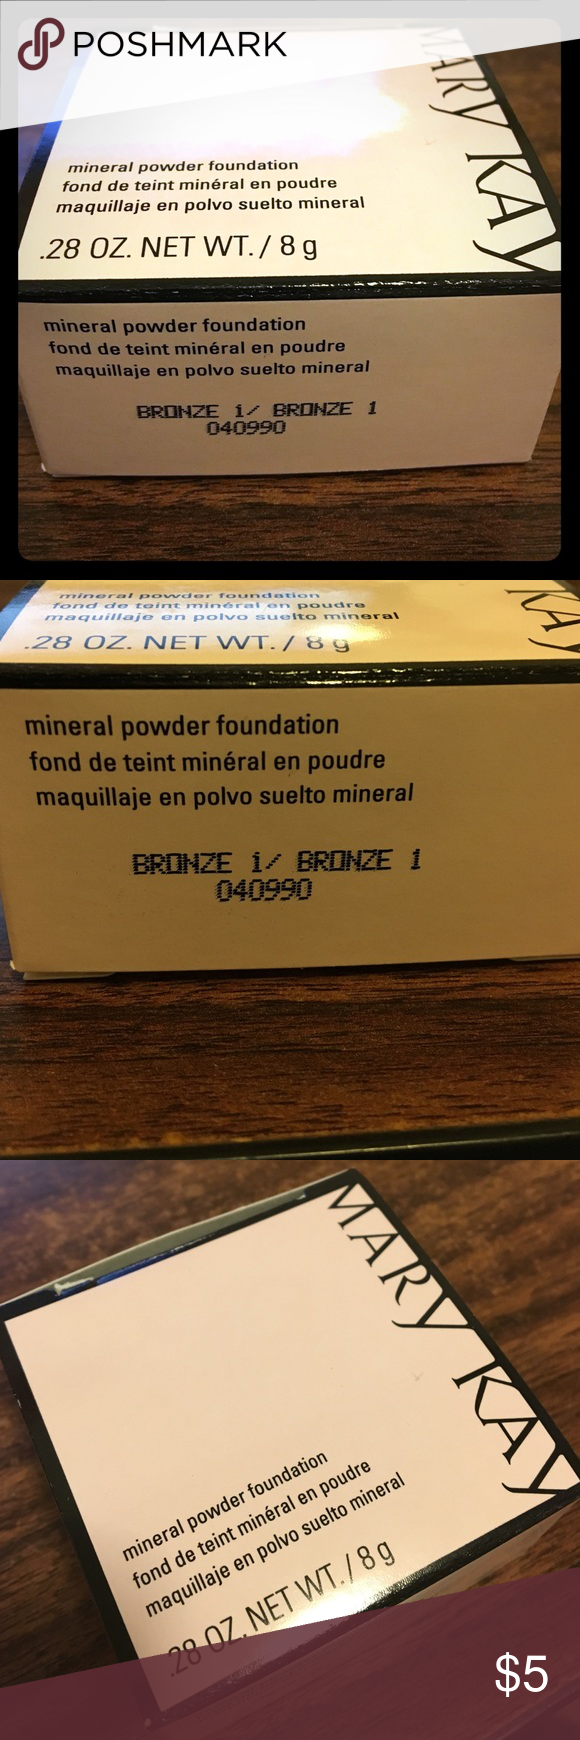 MARY KAY mineral powder foundation - bronze 1 Bronze 1 mineral powder foundation.  New. Unopened/unused.  Authenticity guaranteed! Mary Kay Makeup Foundation